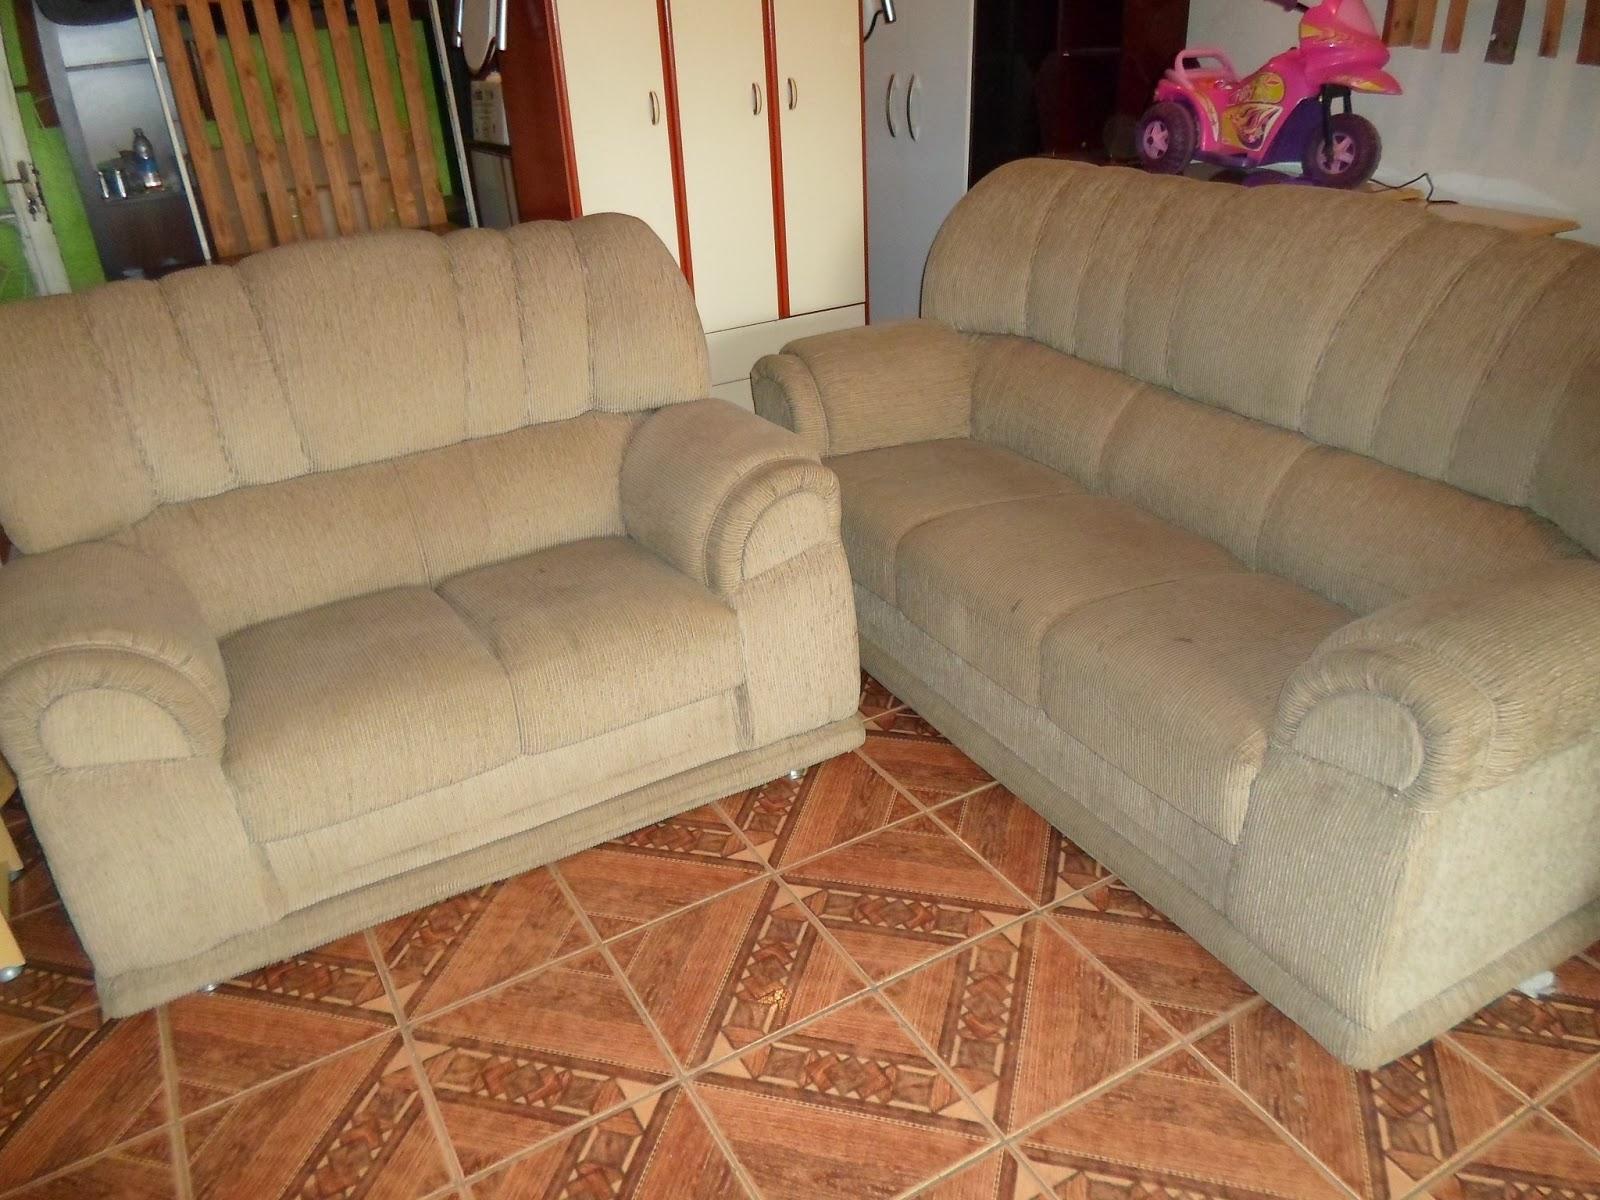 Sofa Usado Olx Bh | www.resnooze.com